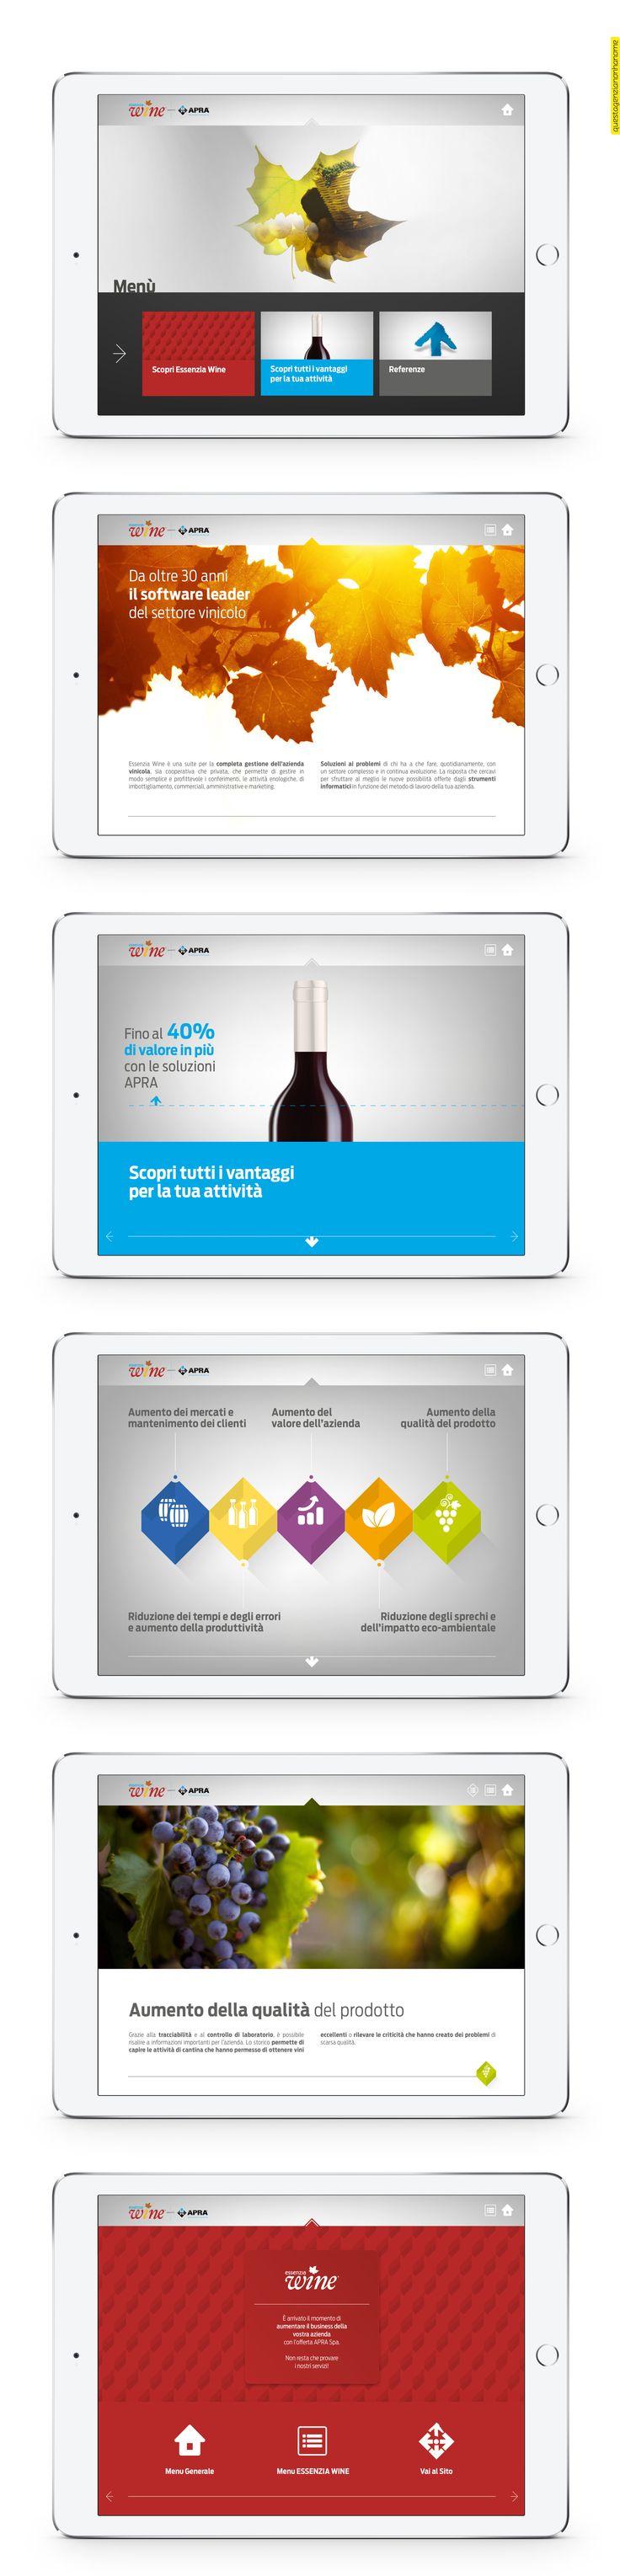 Brochure interattiva ESSENZIA WINE by questagenzianohanome.com